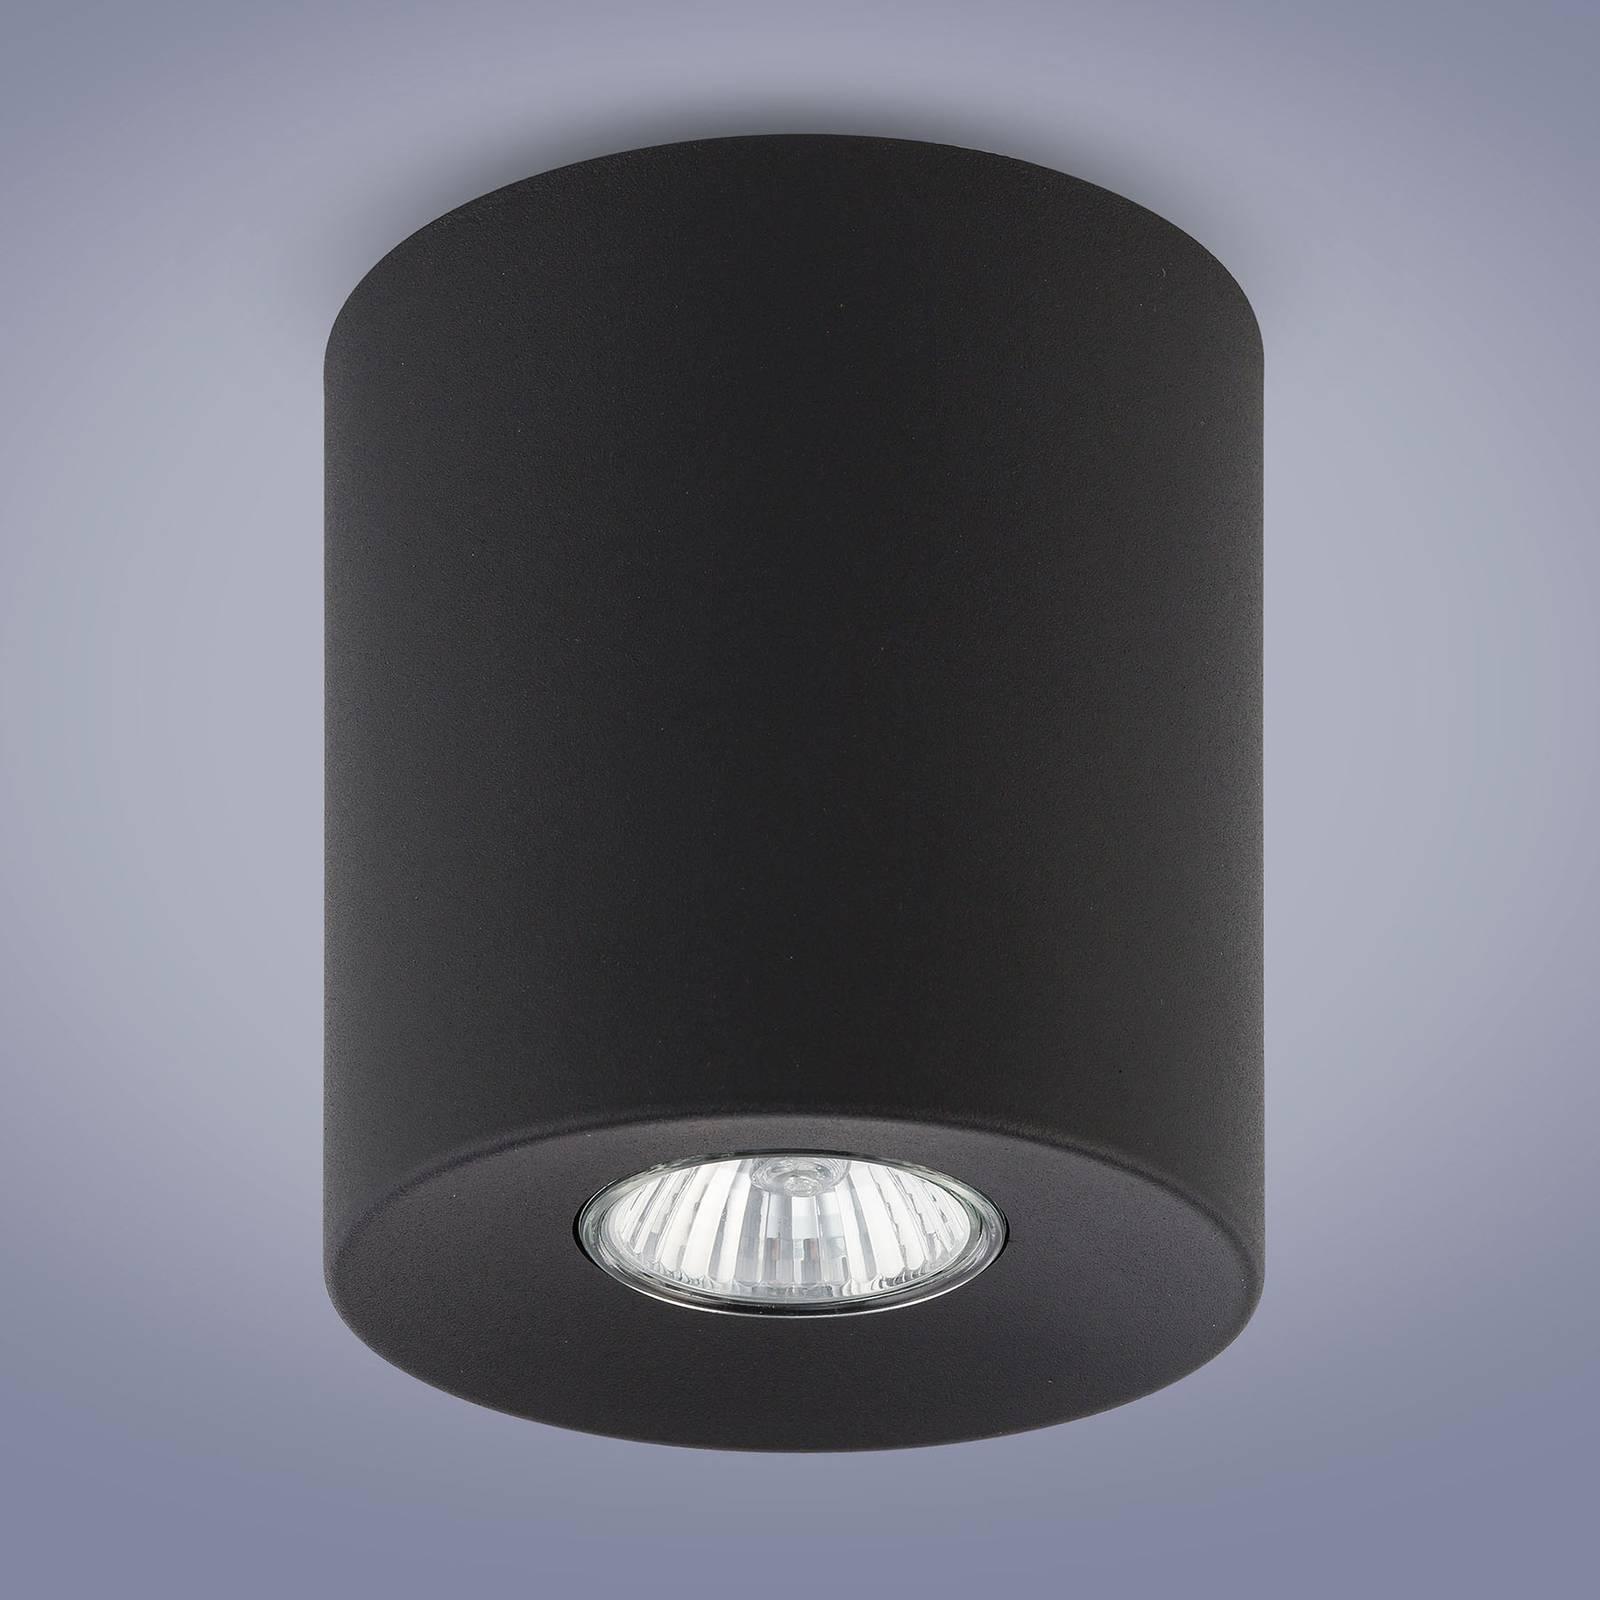 Downlight Orion rund, schwarz, 12,5 cm